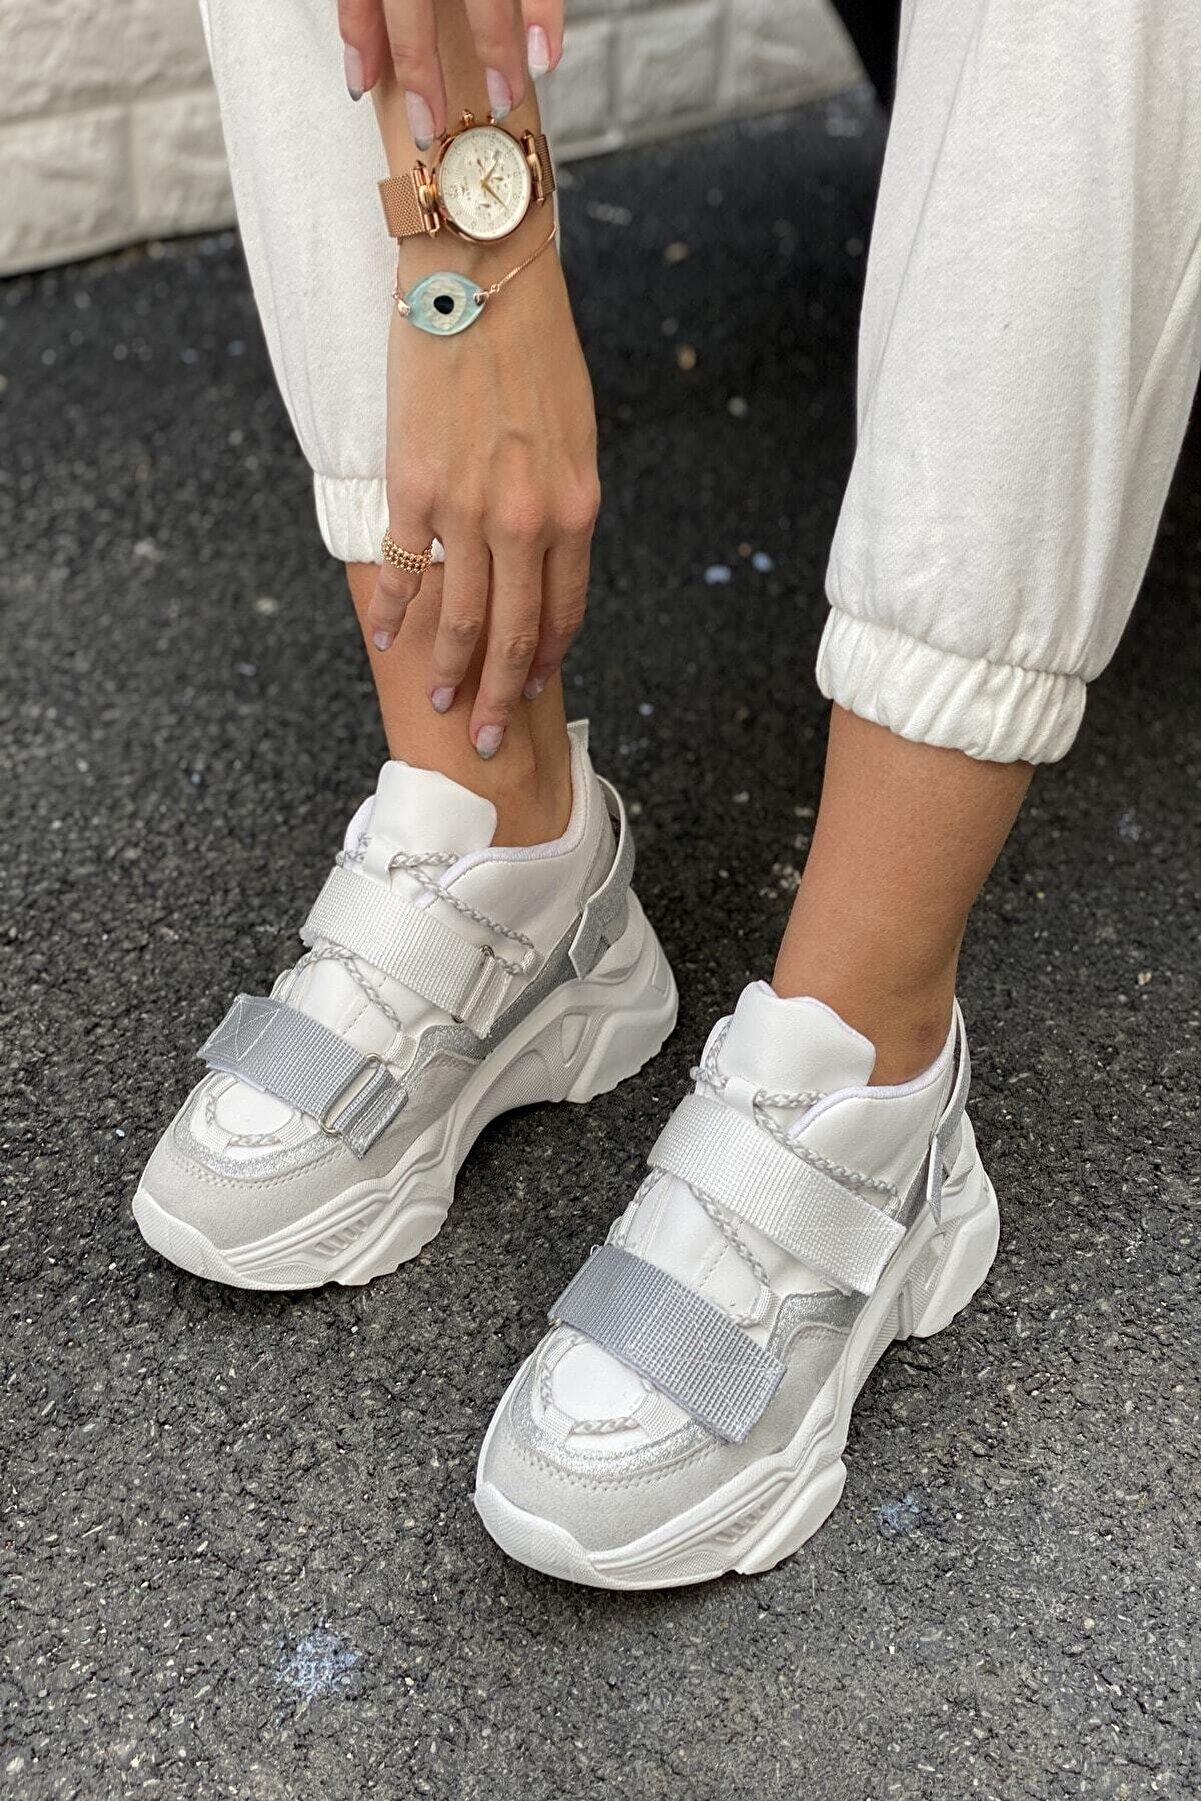 akerler Kadın Beyaz Gri Bantlı Kalın Taban Sneakers